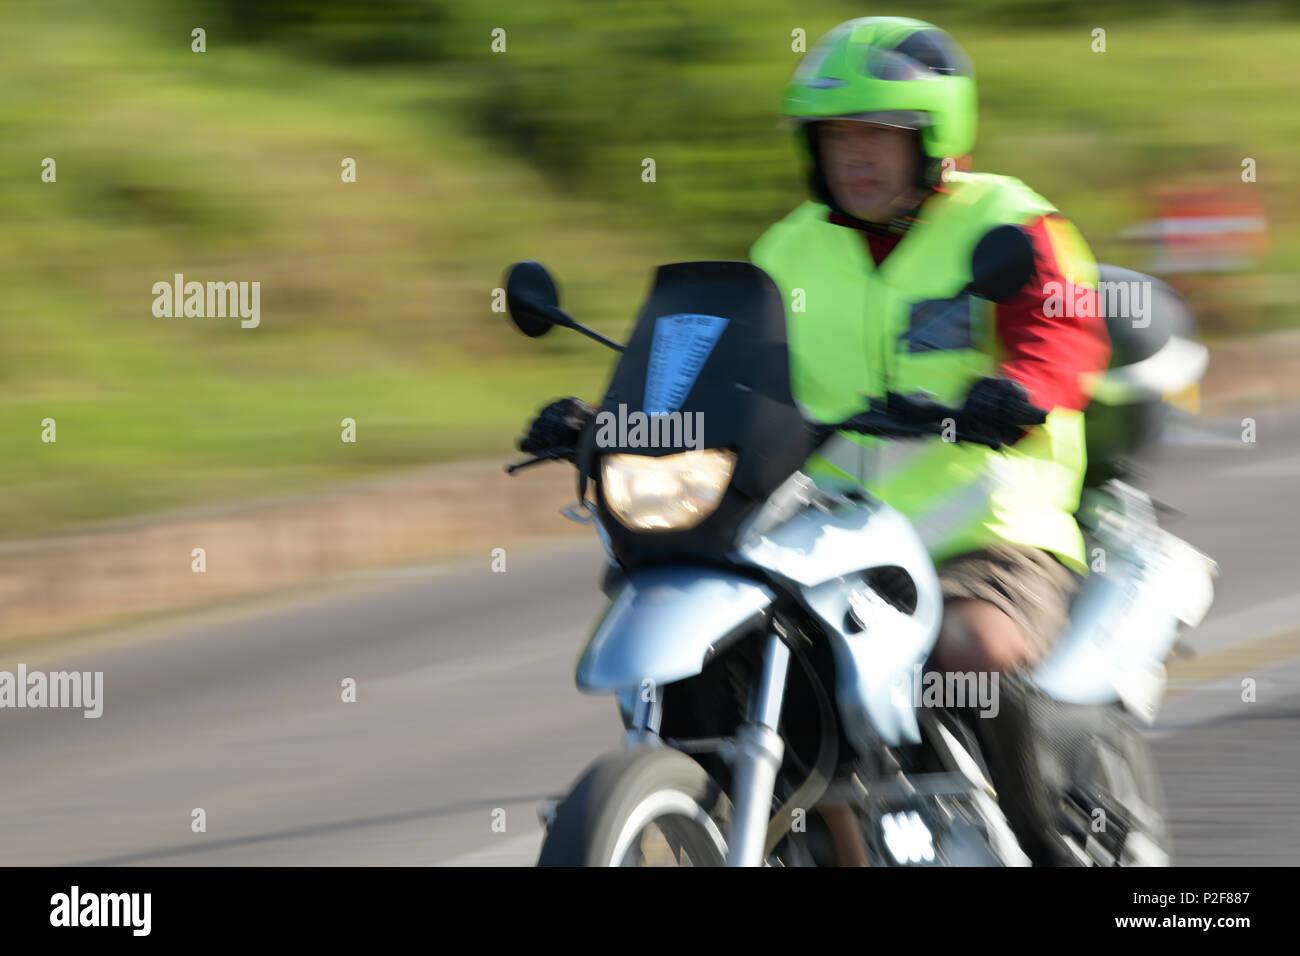 Durban, le KwaZulu-Natal, Afrique du Sud, de l'événement, maréchal, Vêtements haute visibilité, l'exécution de fonctions officielles sur moto, 2018 camarades marathon, blur Photo Stock